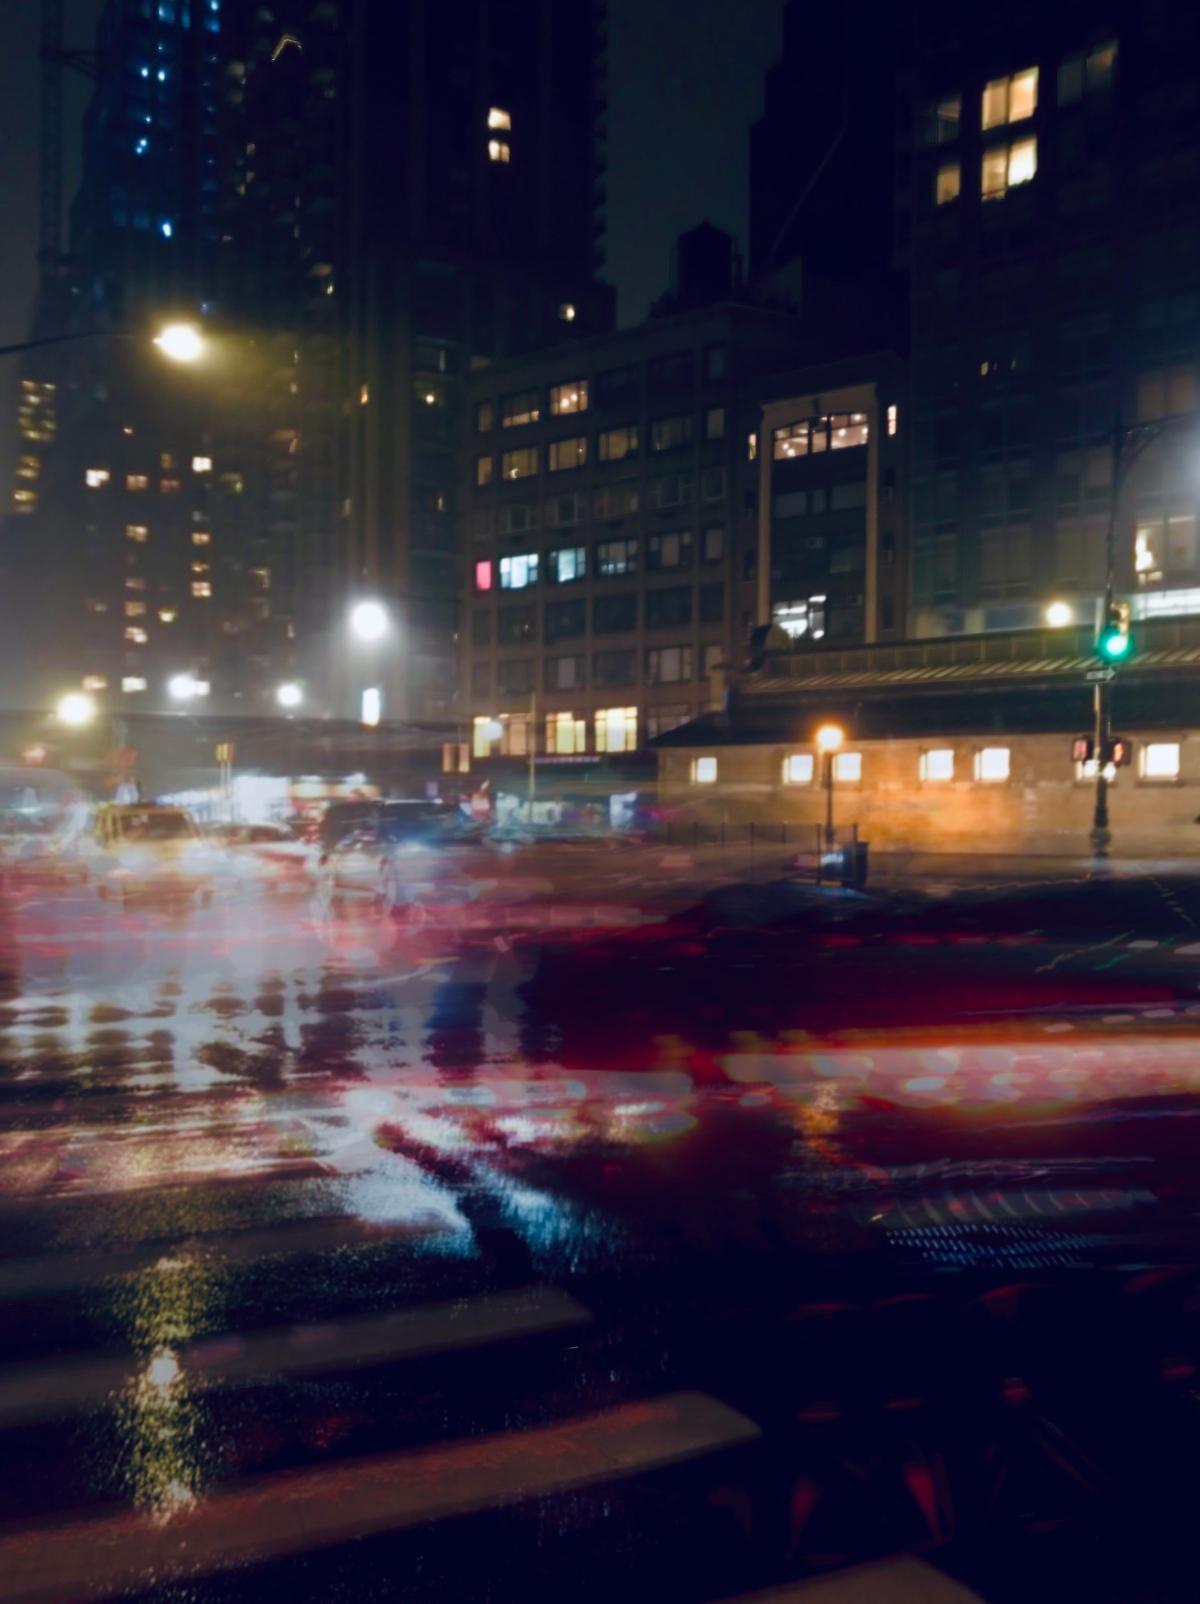 New York, Unfocused